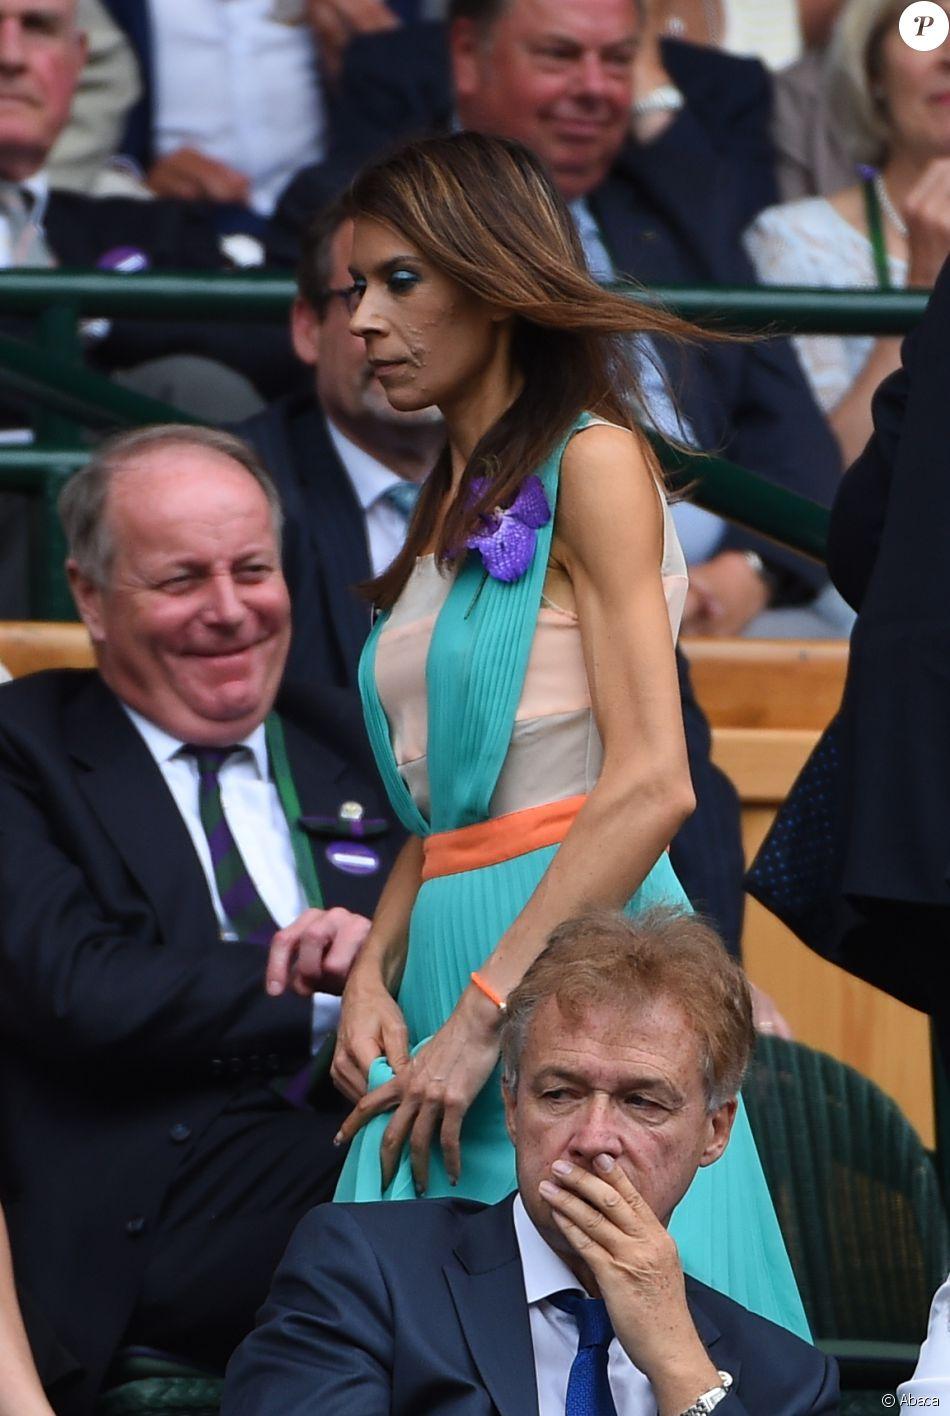 Marion Bartoli au tournoi de Wimbledon à Londres, le 9 juillet 2016